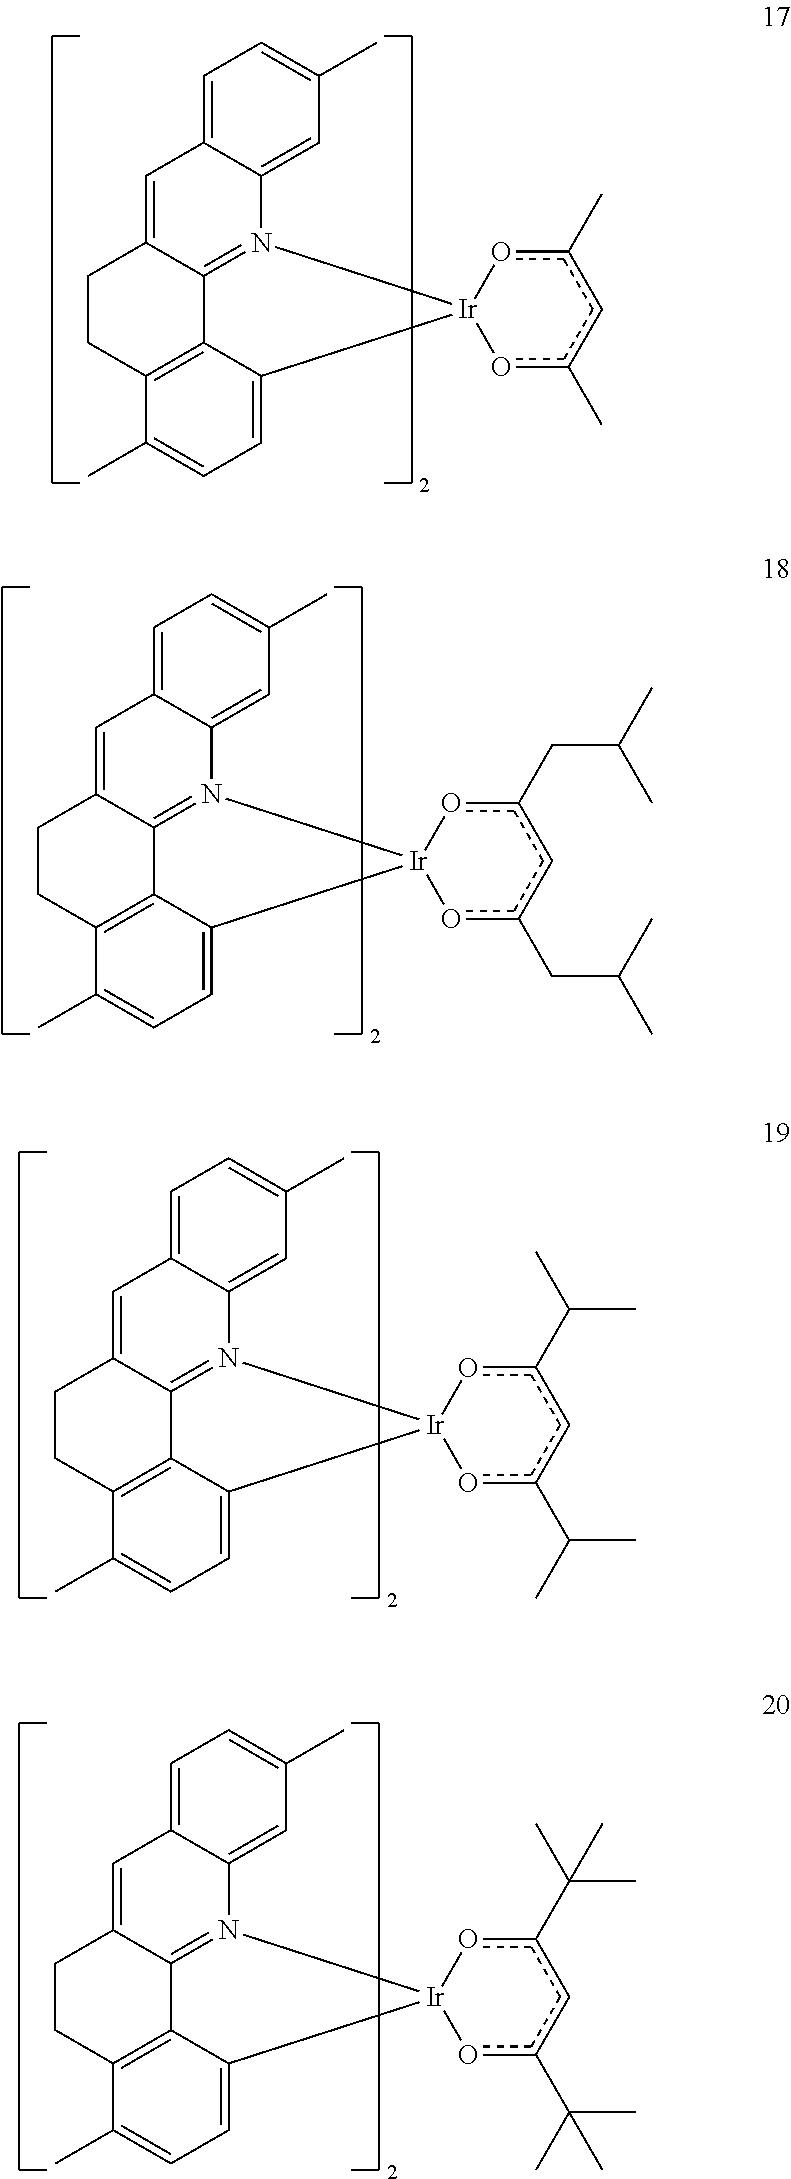 Figure US20130032785A1-20130207-C00031